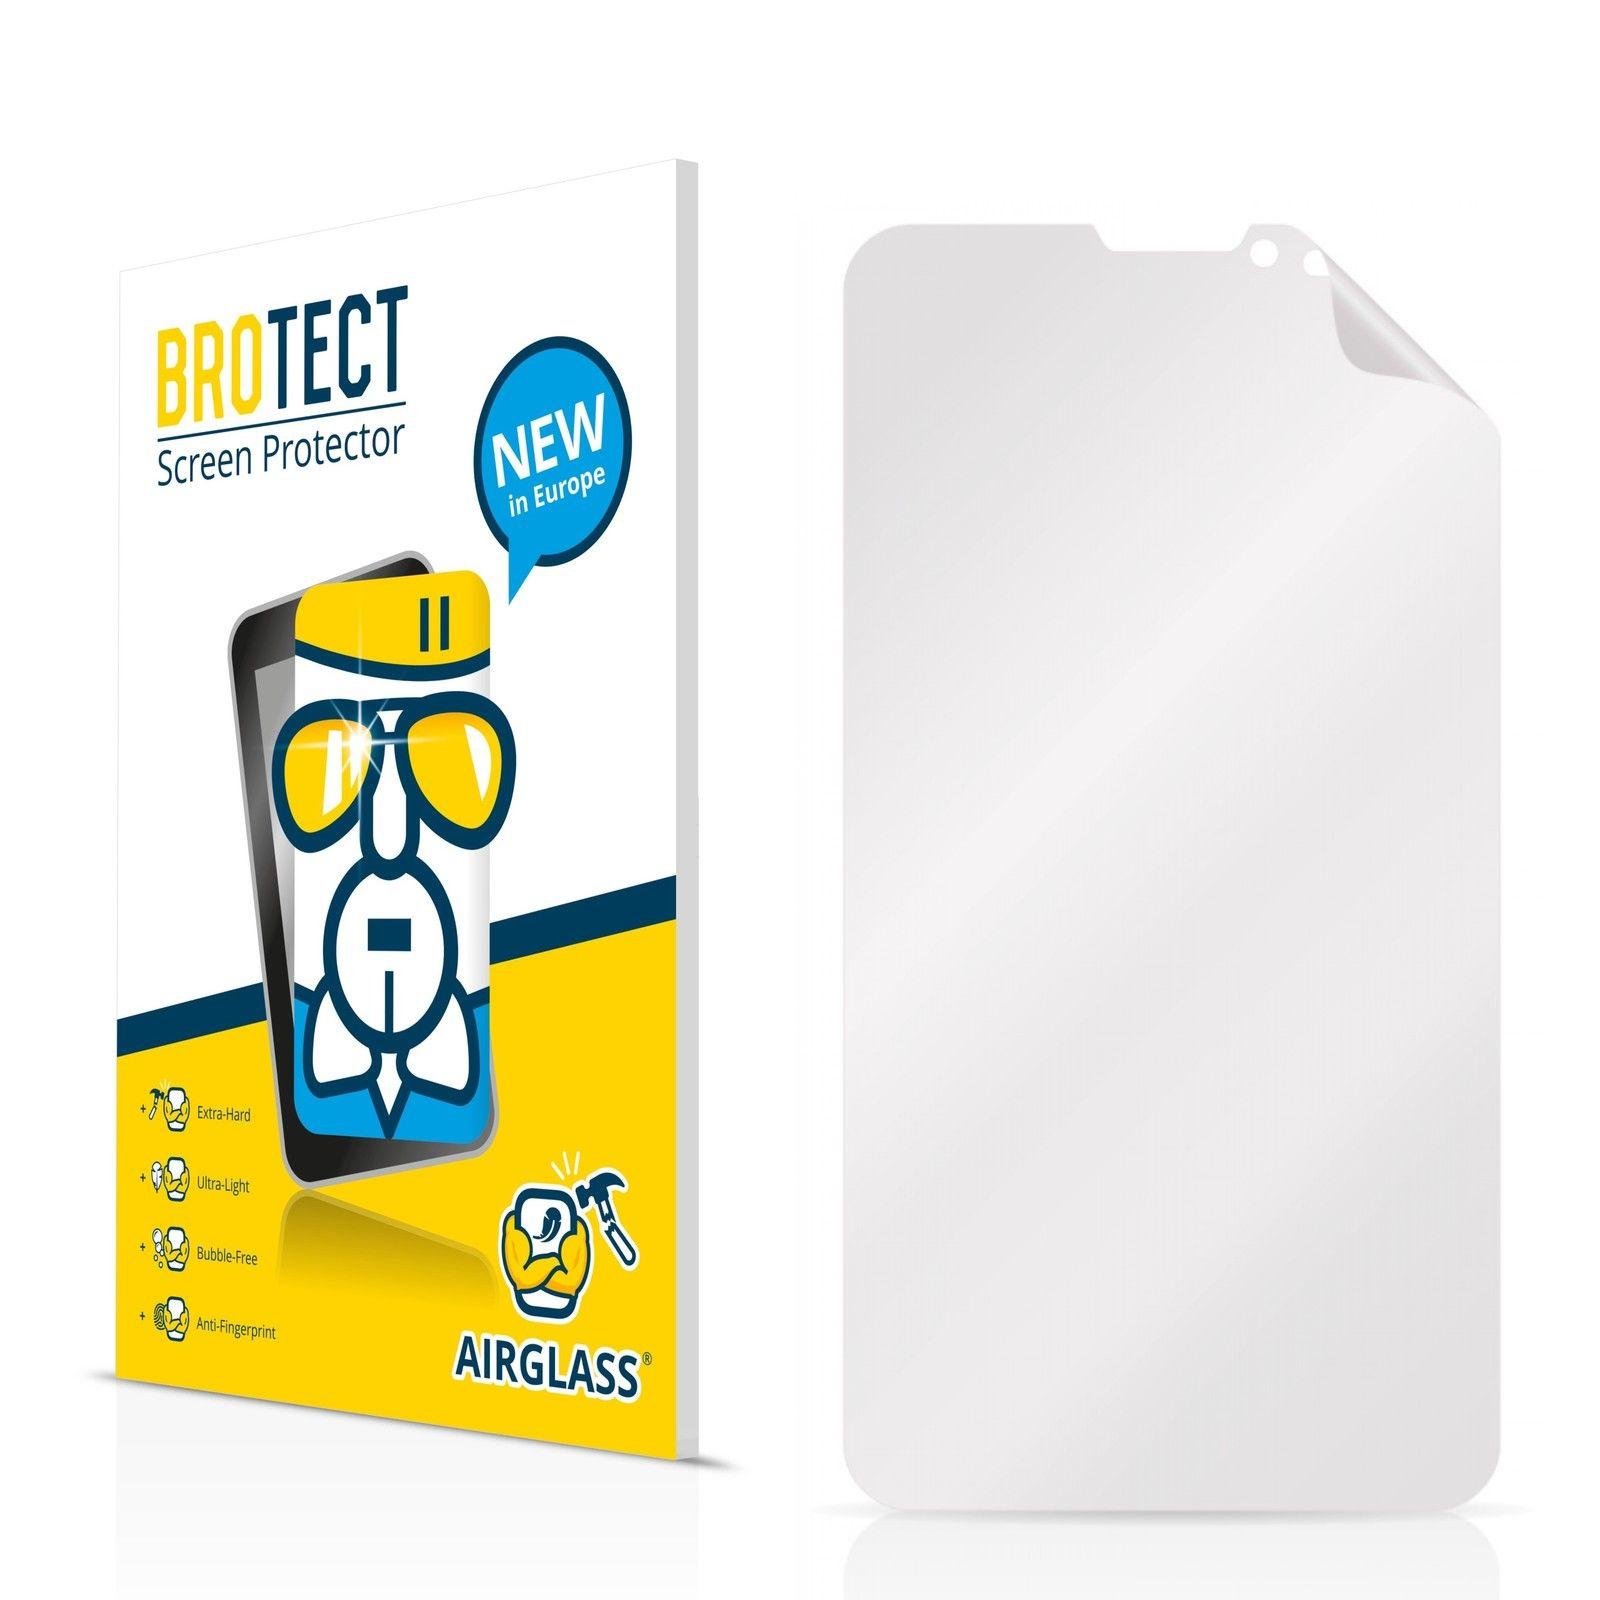 Extra tvrzená ochranná fólie (tvrzené sklo) AirGlass Brotec na LCD pro Prestigio MultiPhone 5300 DUO